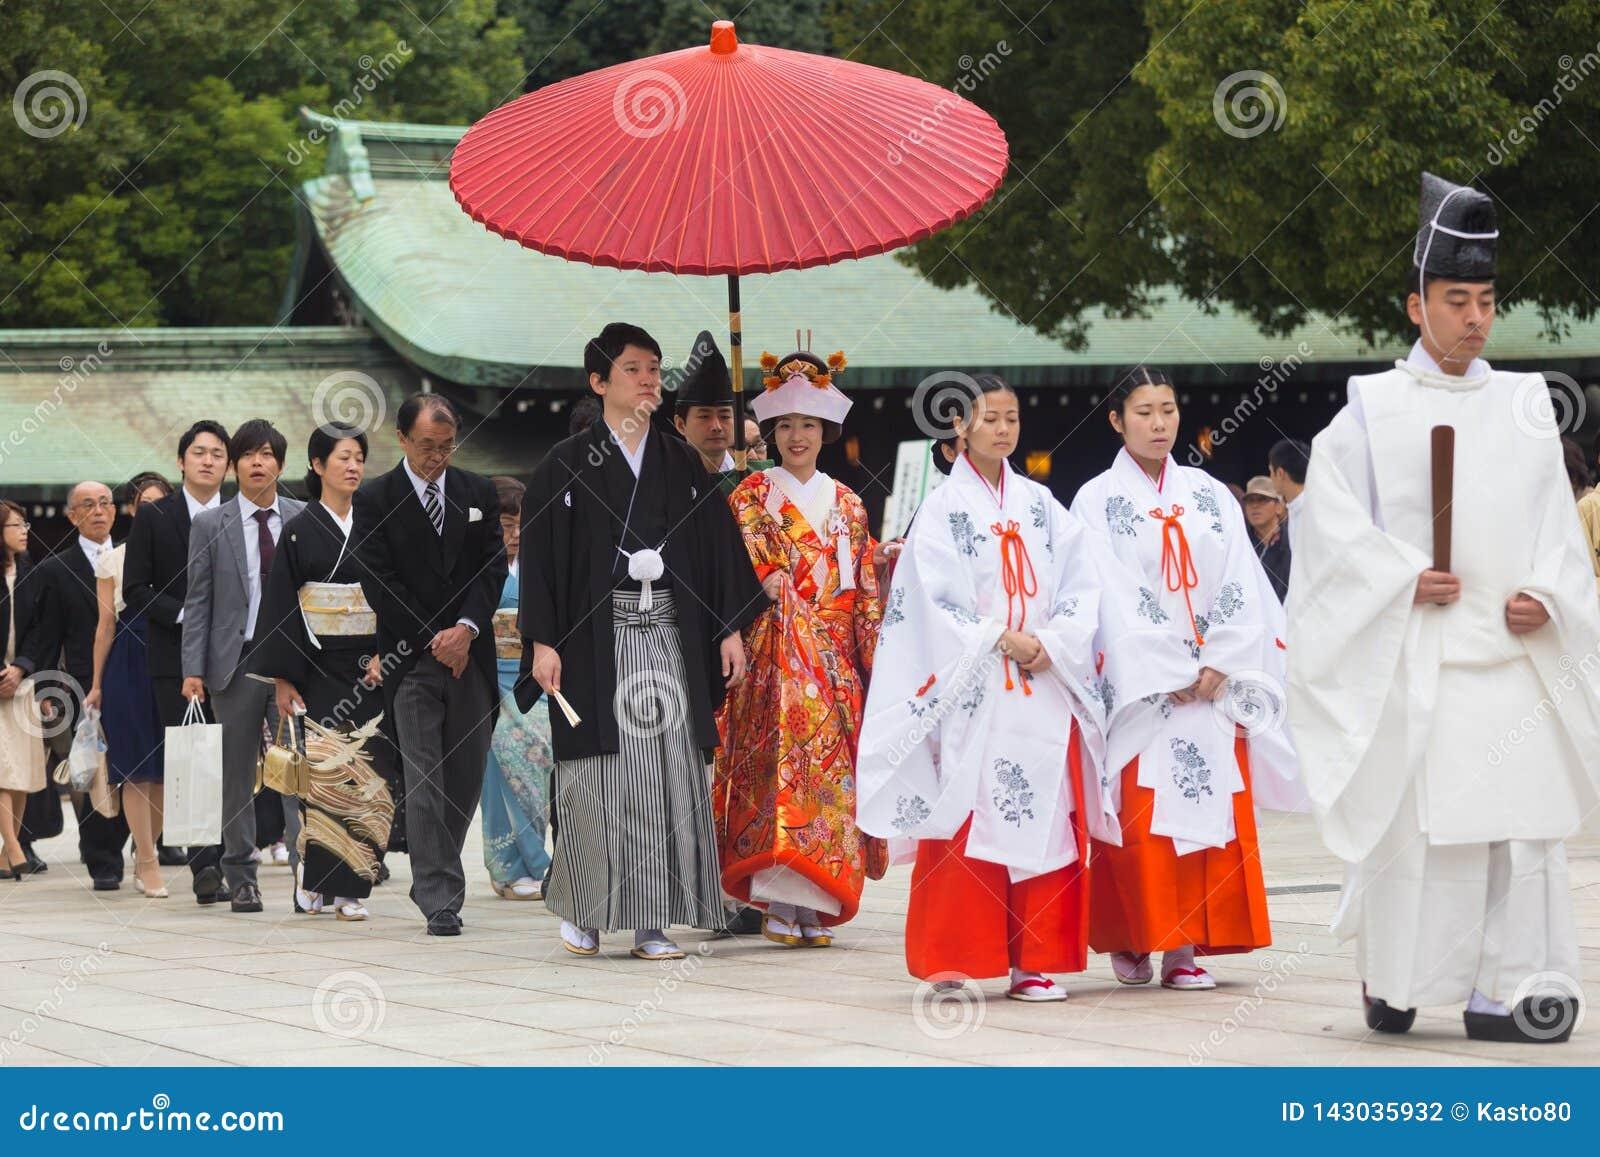 Giovani sposo e sposa felici durante la cerimonia di nozze tradizionale giapponese al santuario di Meiji-jingu a Tokyo, Giappone